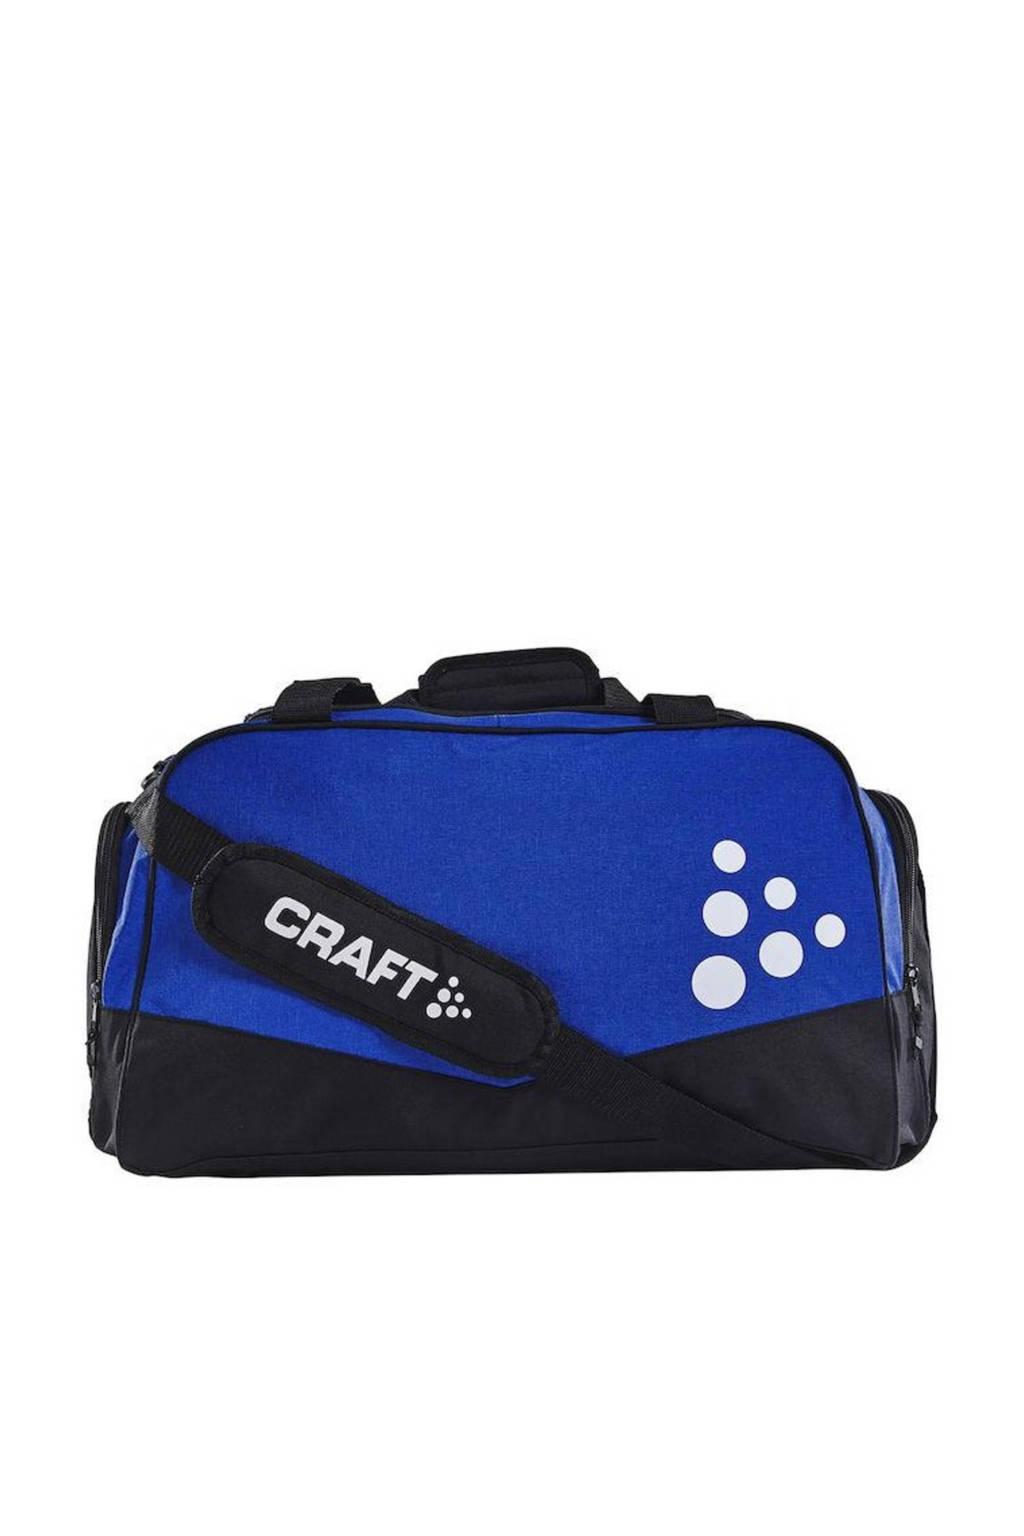 Craft   sporttas Squad Duffel L kobaltblauw, Blauw